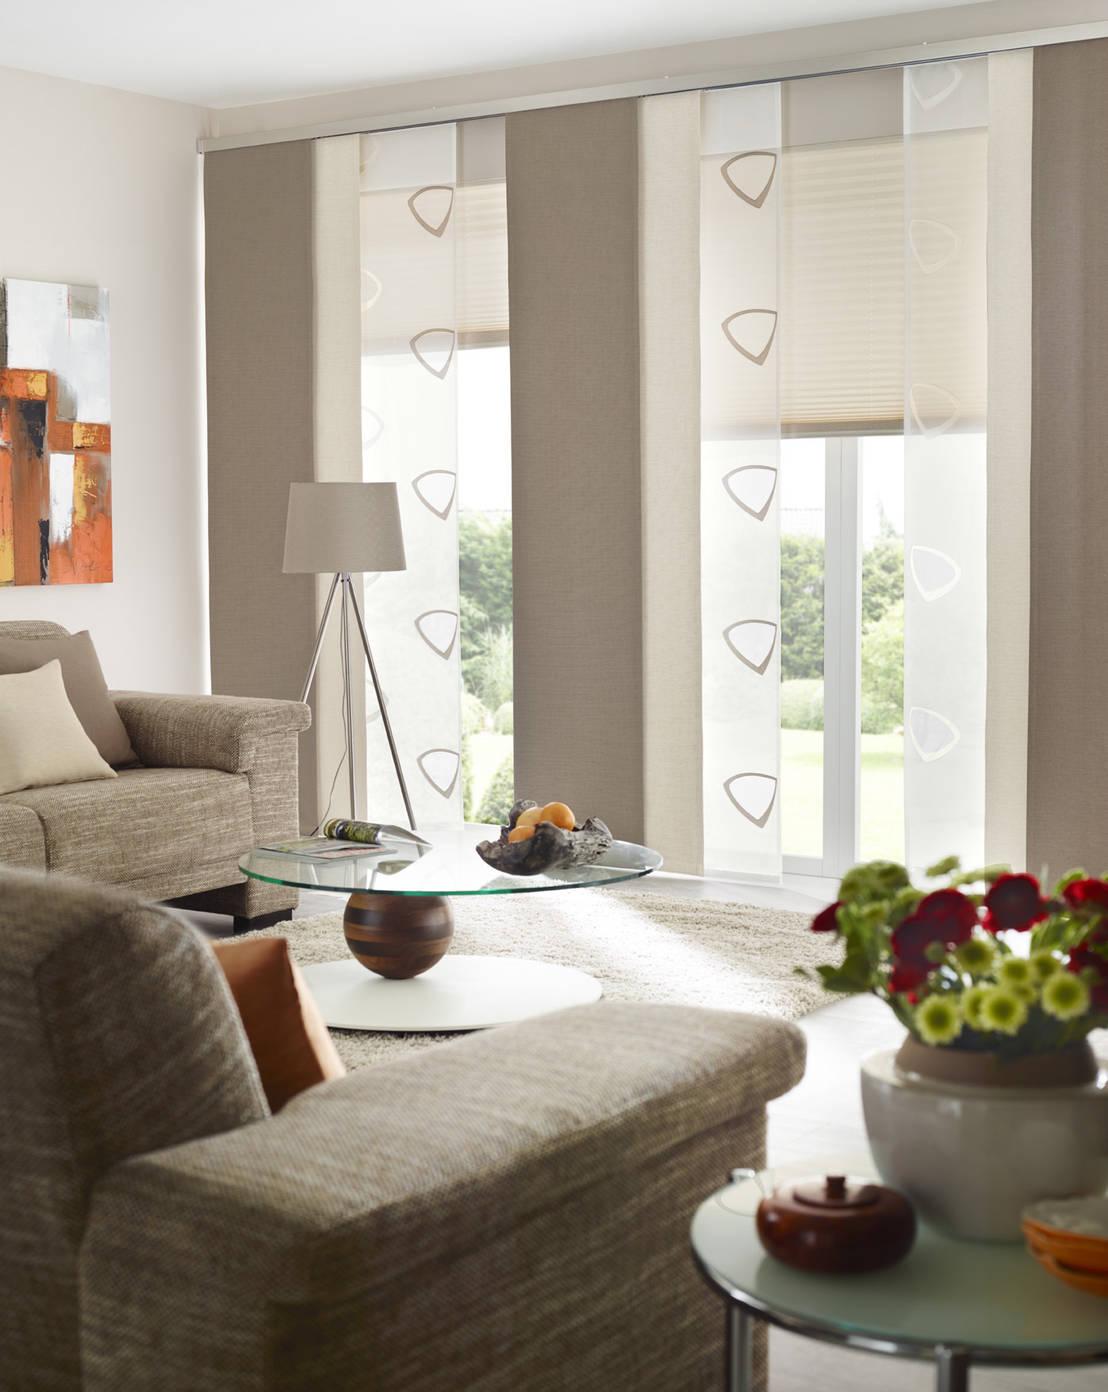 gardinen sonnenschutz plissee livingreet von unland international gmbh homify. Black Bedroom Furniture Sets. Home Design Ideas